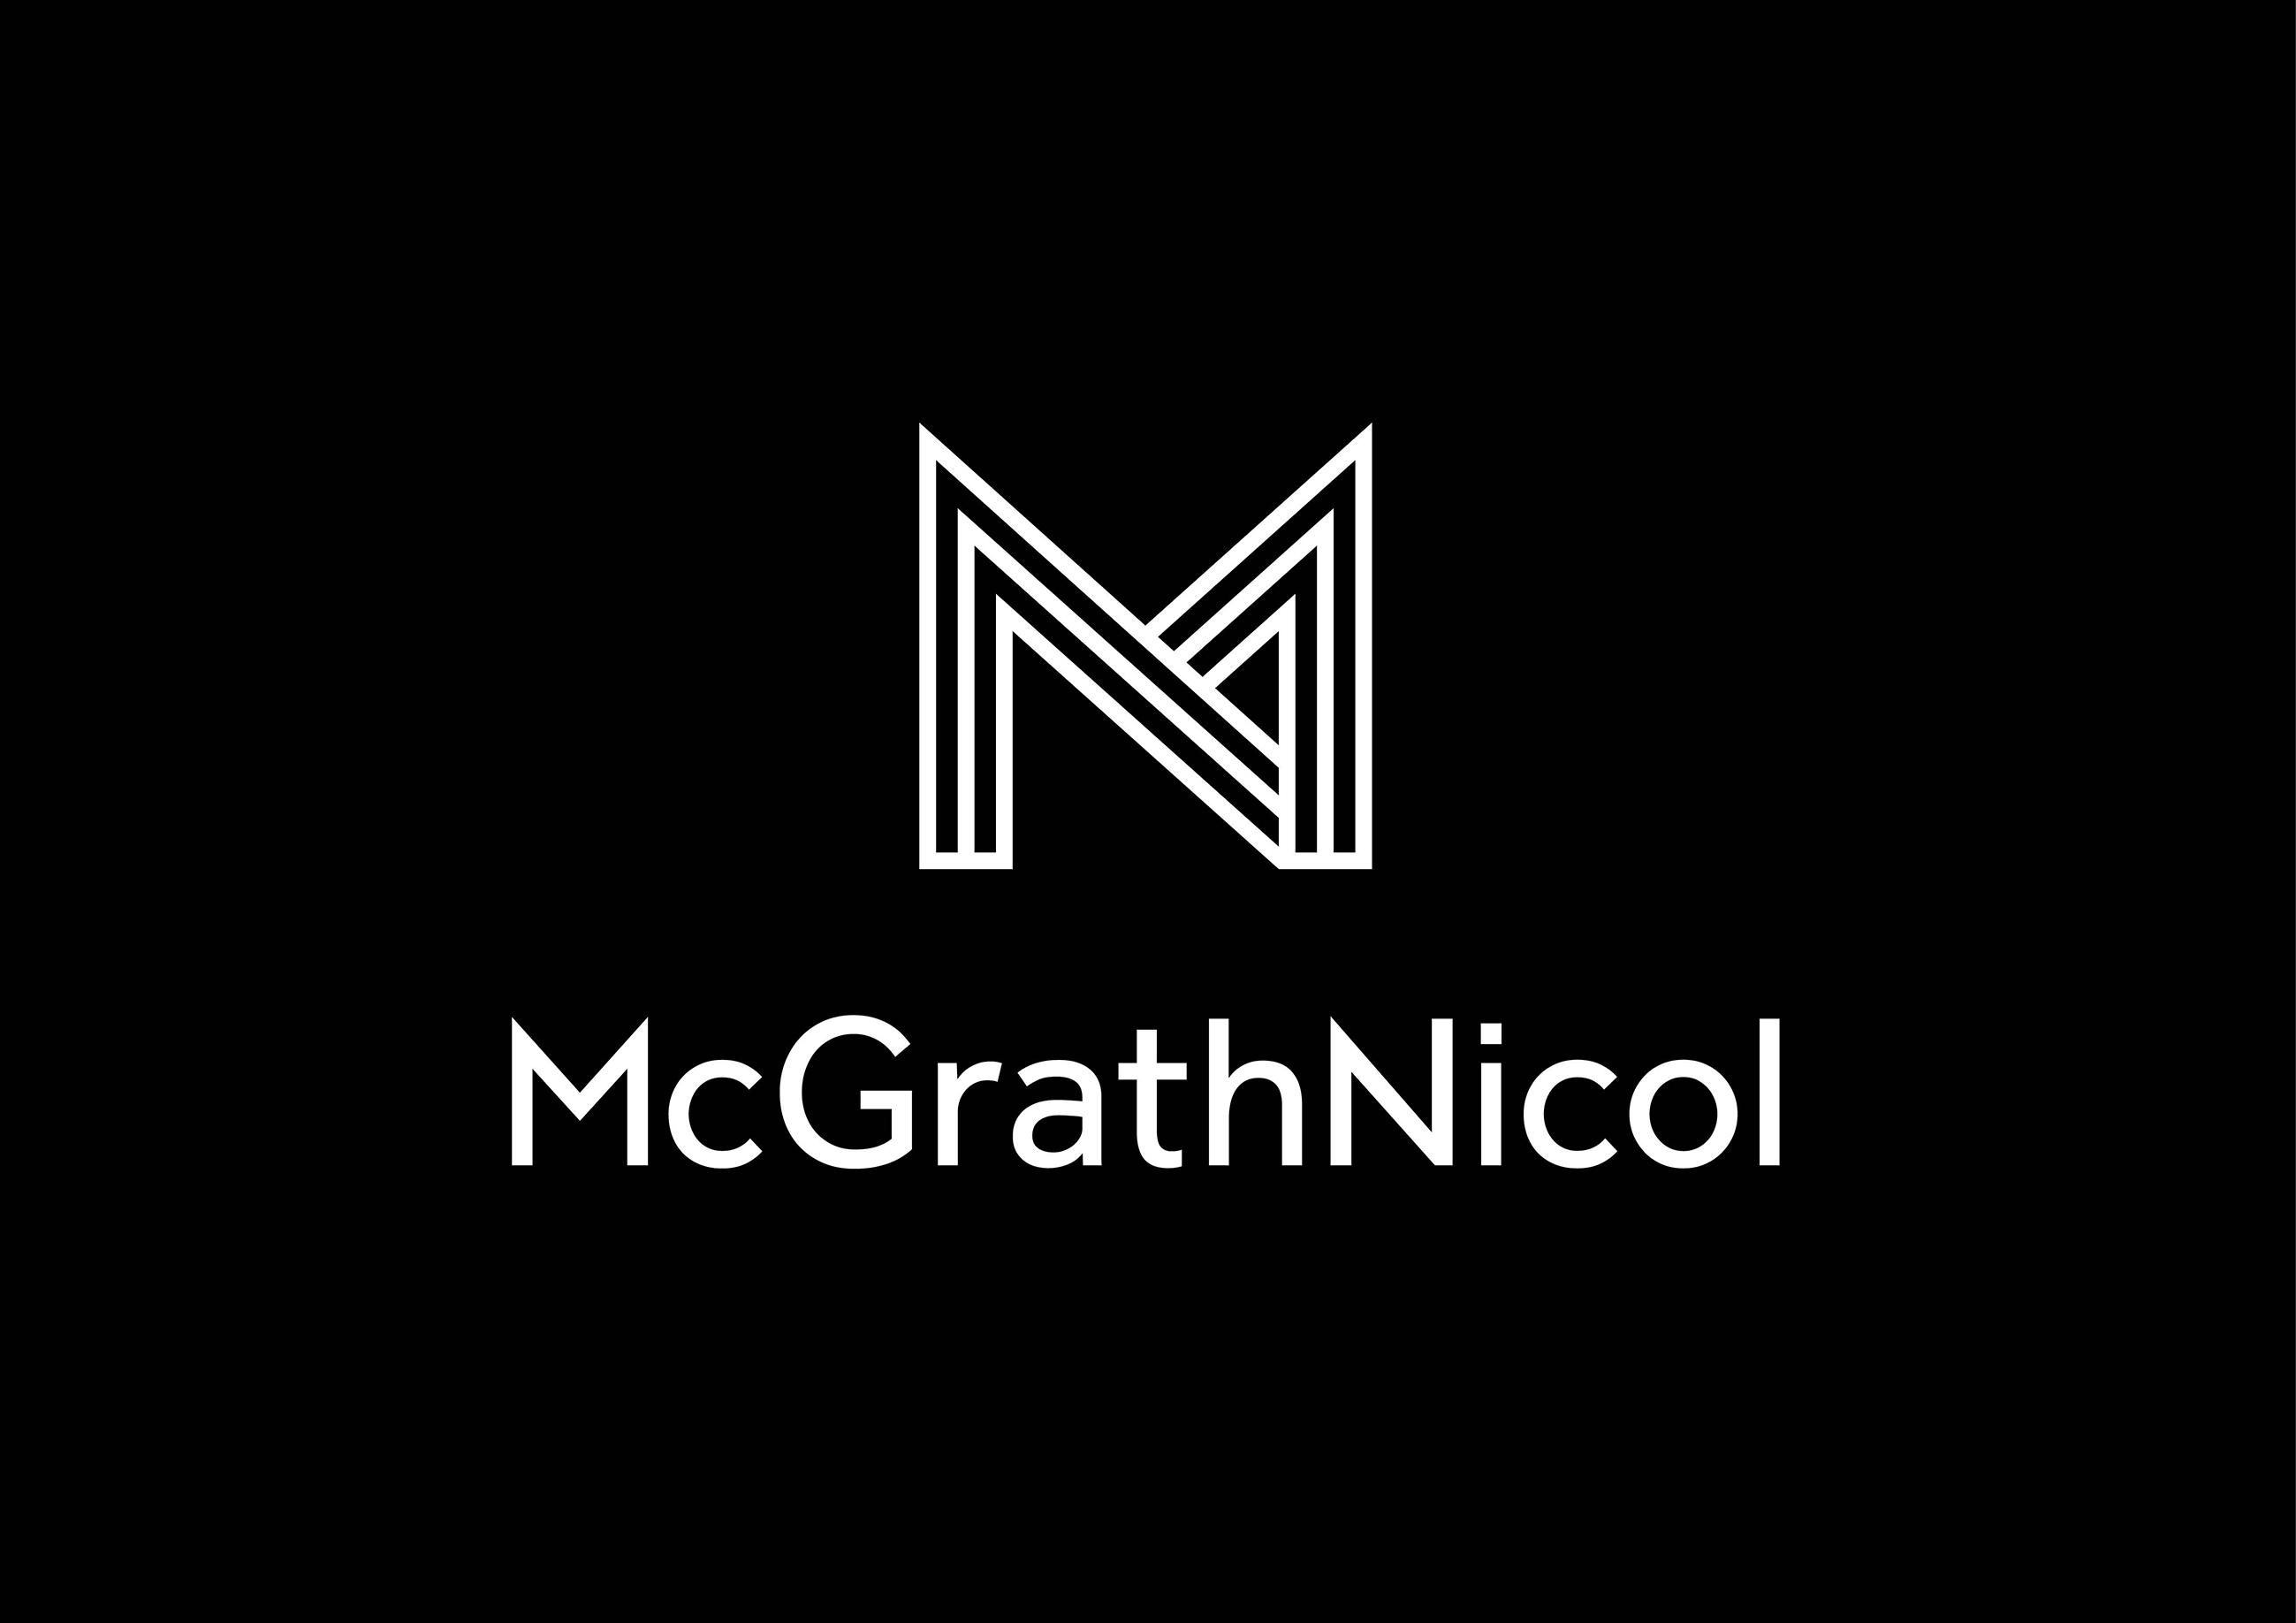 1. McGrathNicol_logo